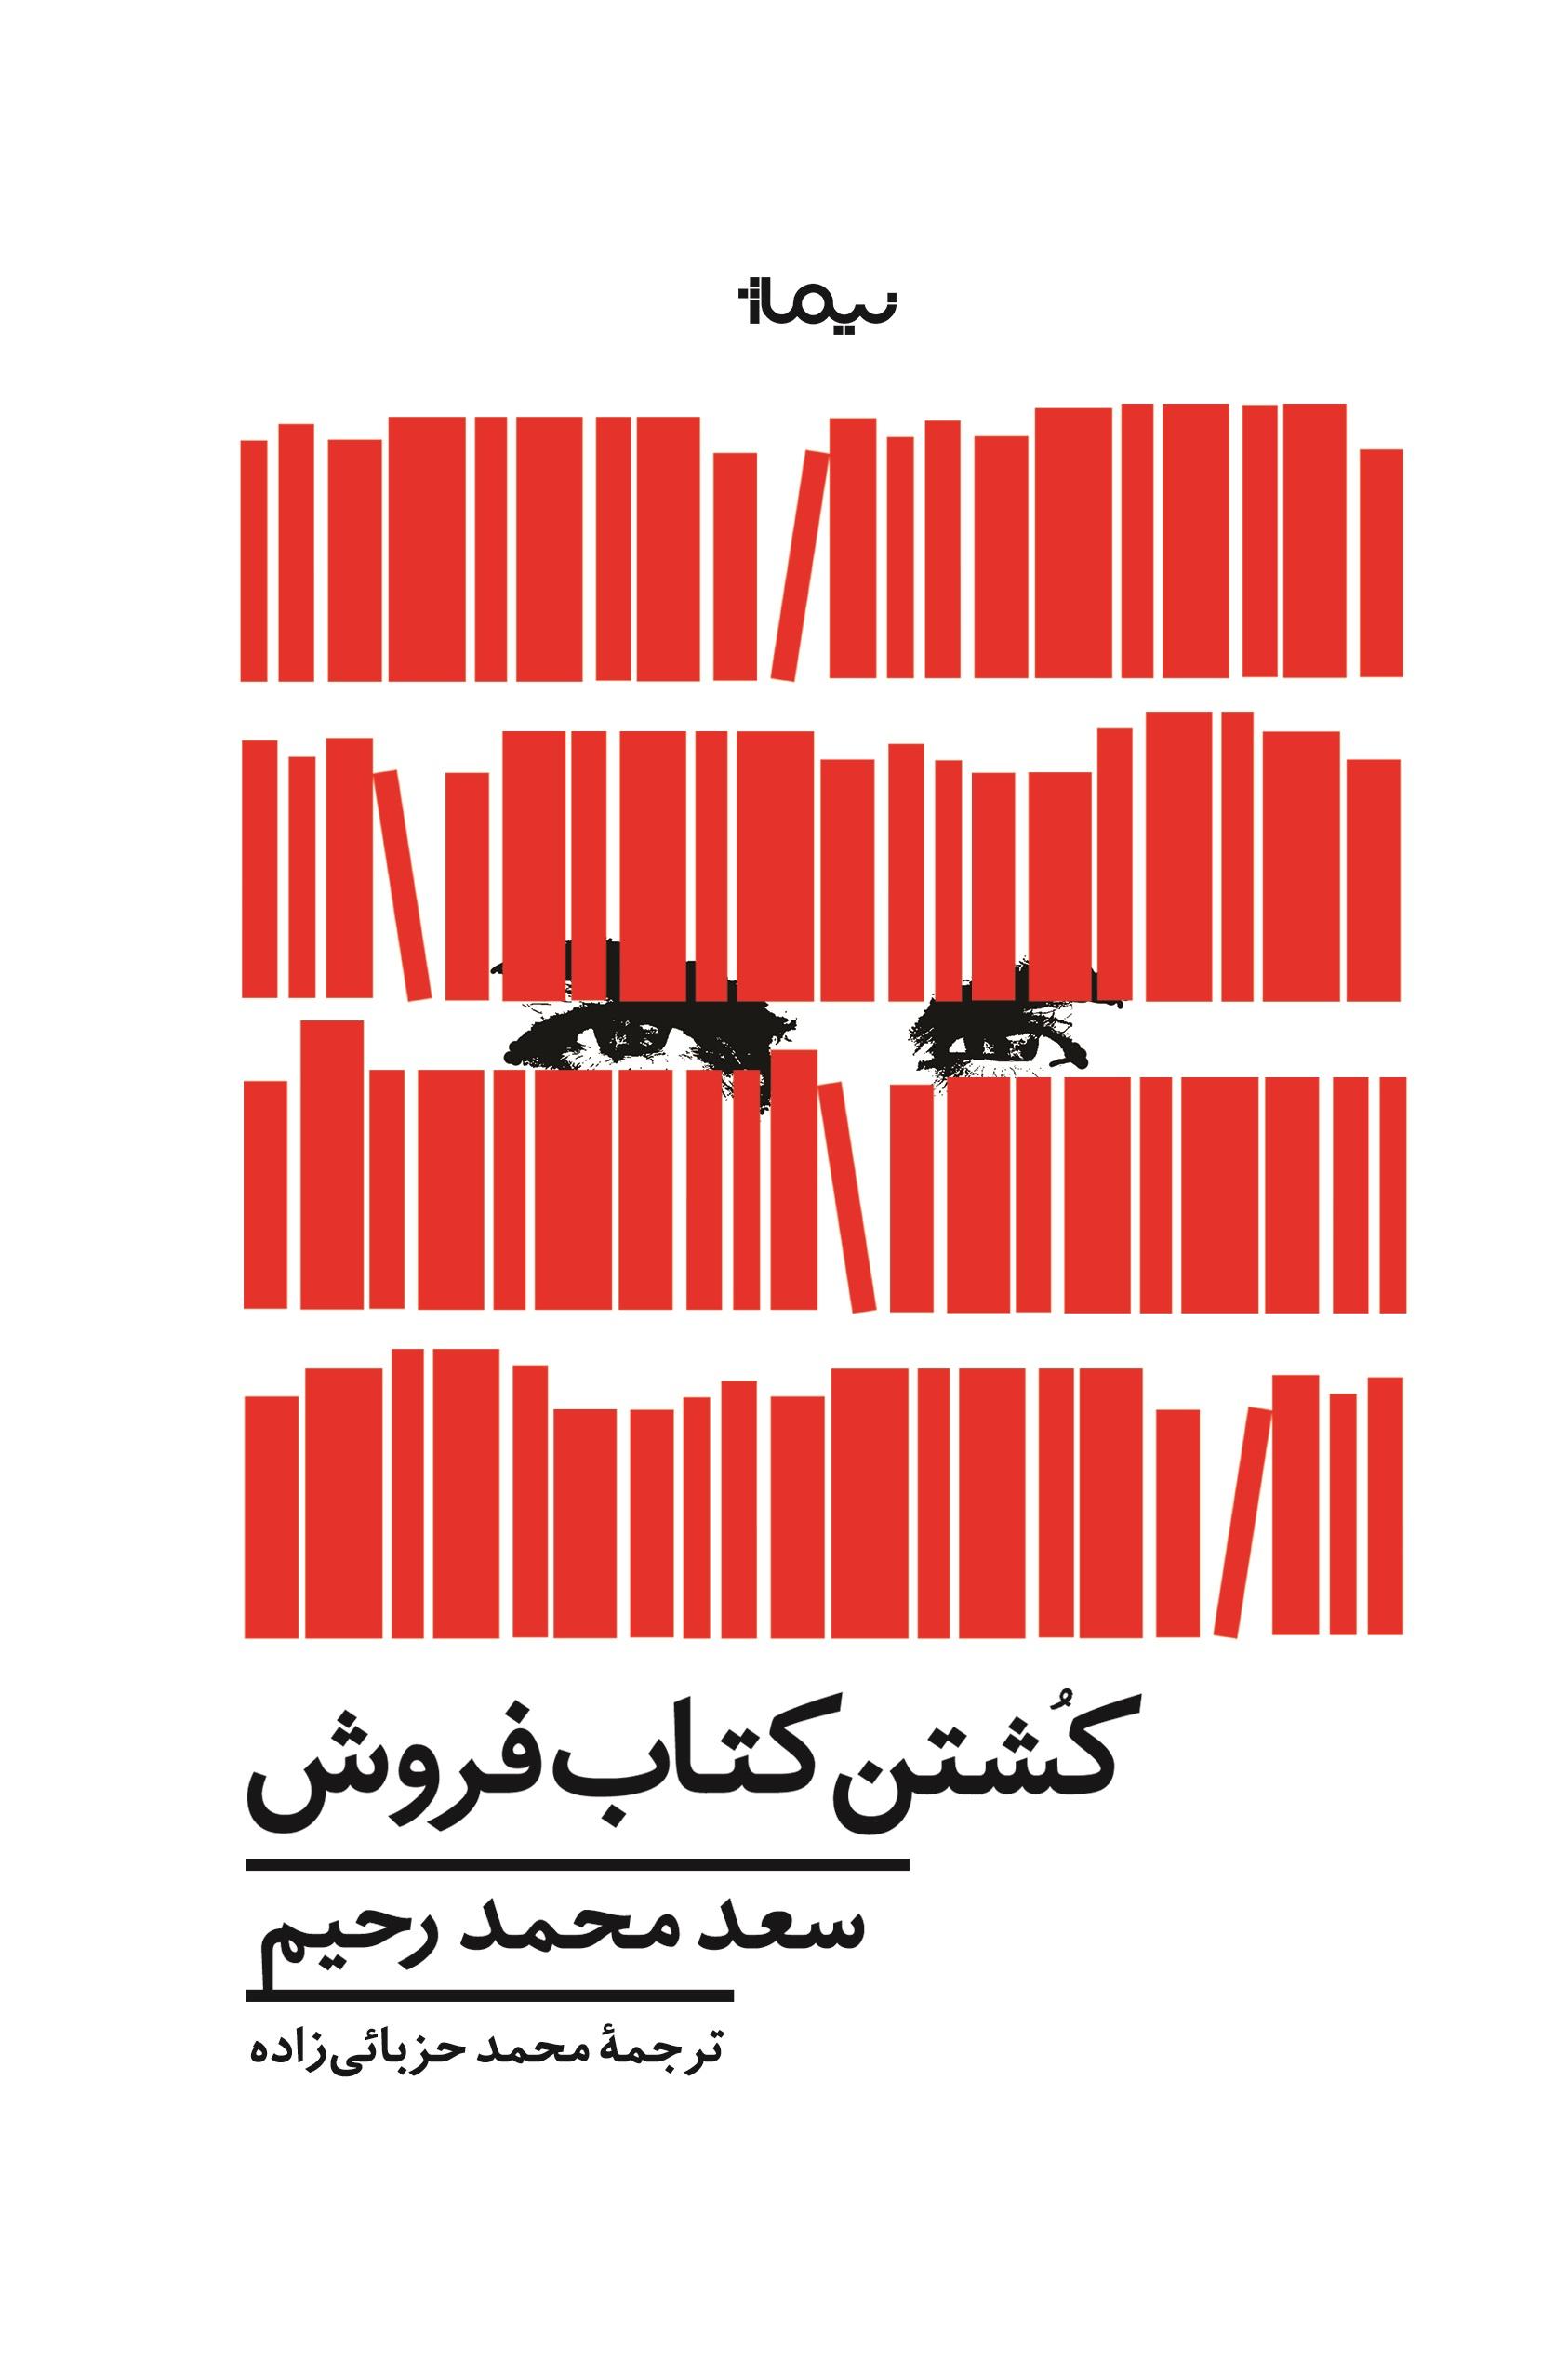 کتاب کشتن کتاب فروش